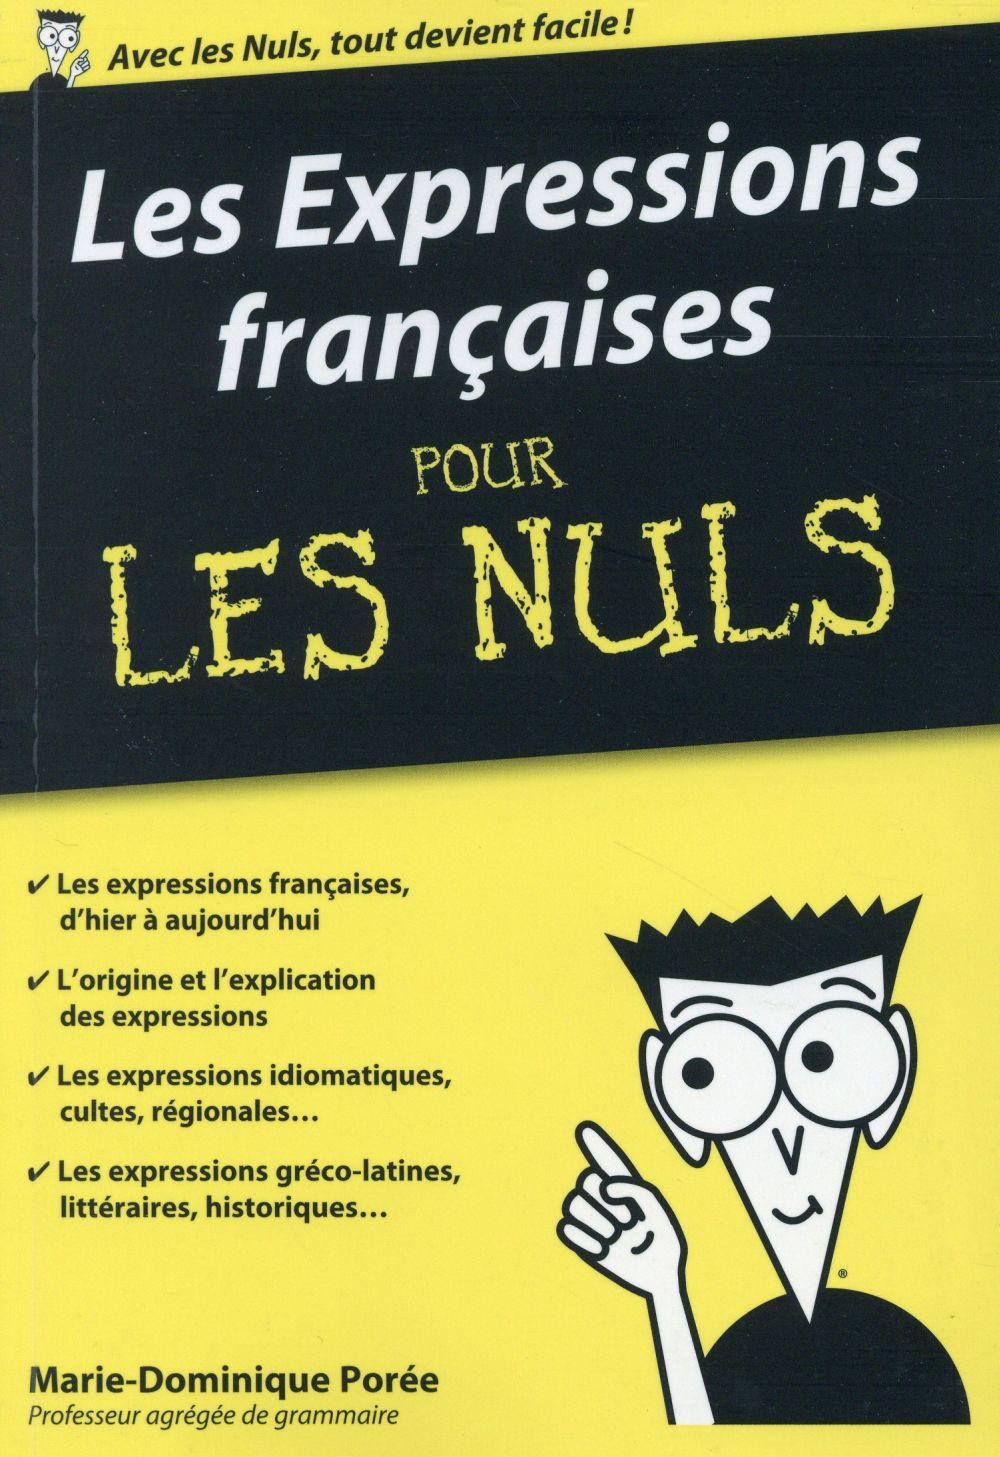 Les expressions françaises pour les nuls